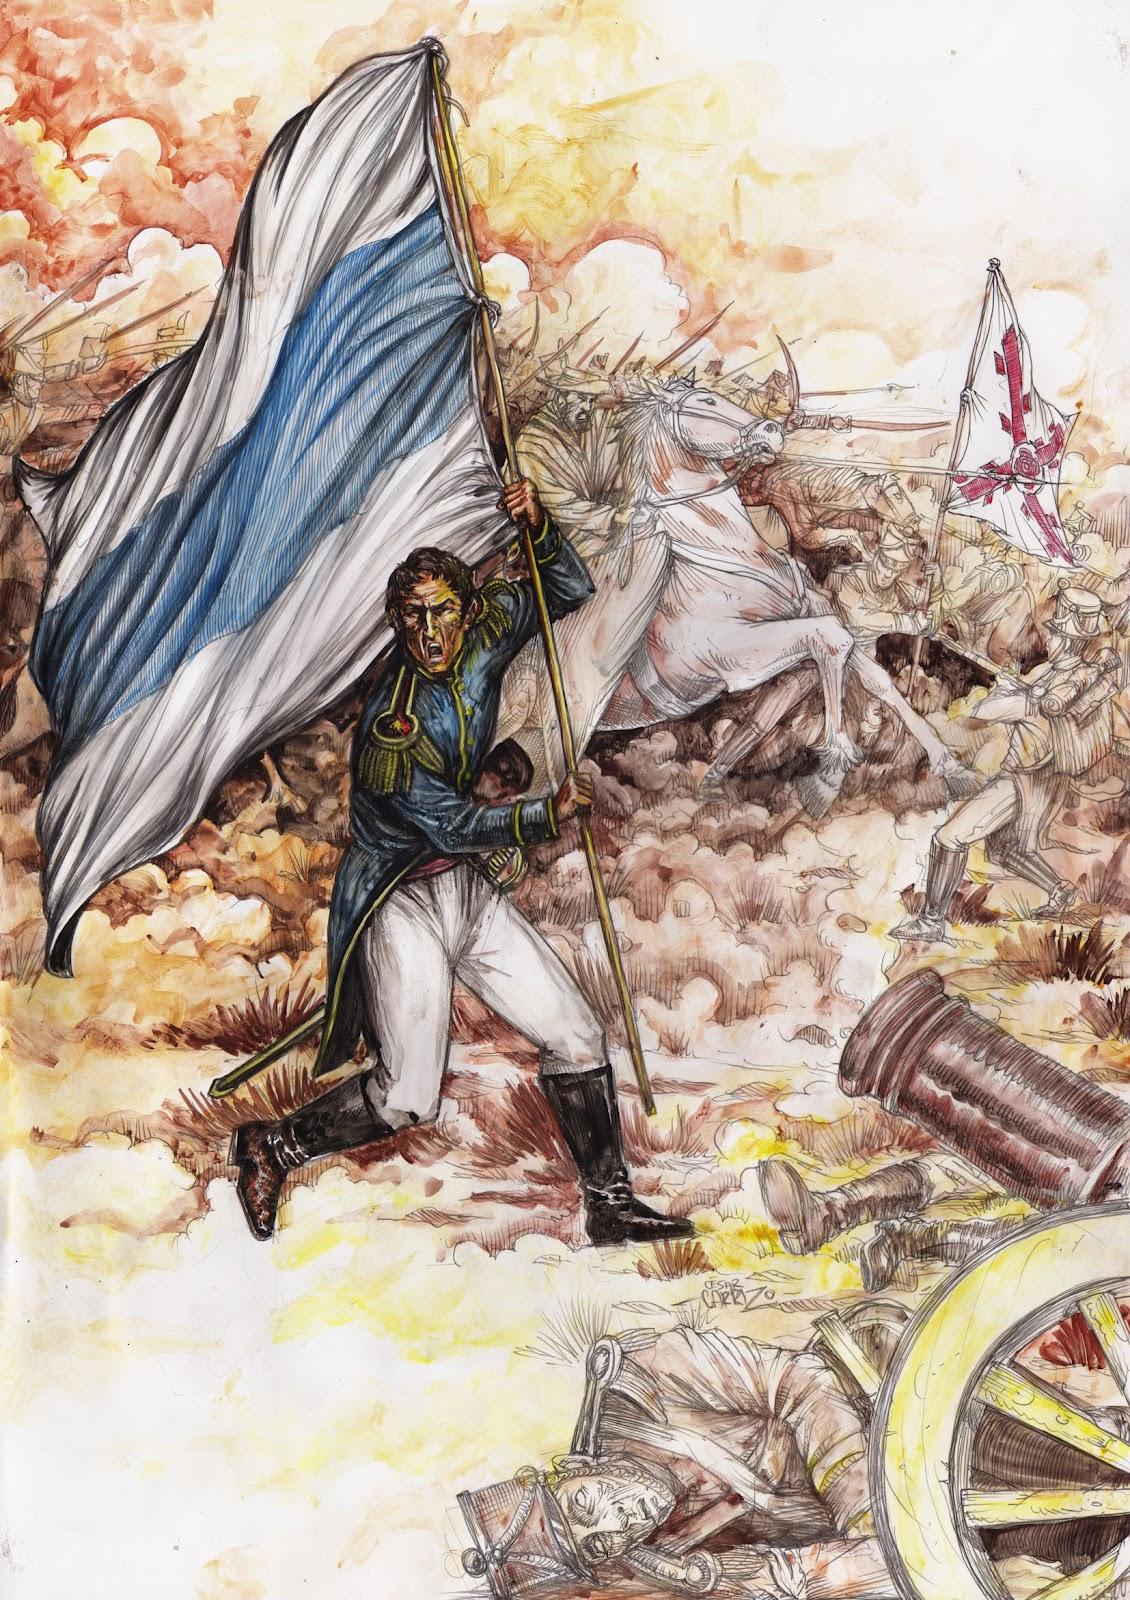 http://1.bp.blogspot.com/-Mrnw2Pfx6Fg/T6uqT4_cOoI/AAAAAAAABK0/TFvhR8l9GL0/s1600/batalla-de-tucuman-bandera-de-macha-final.jpg